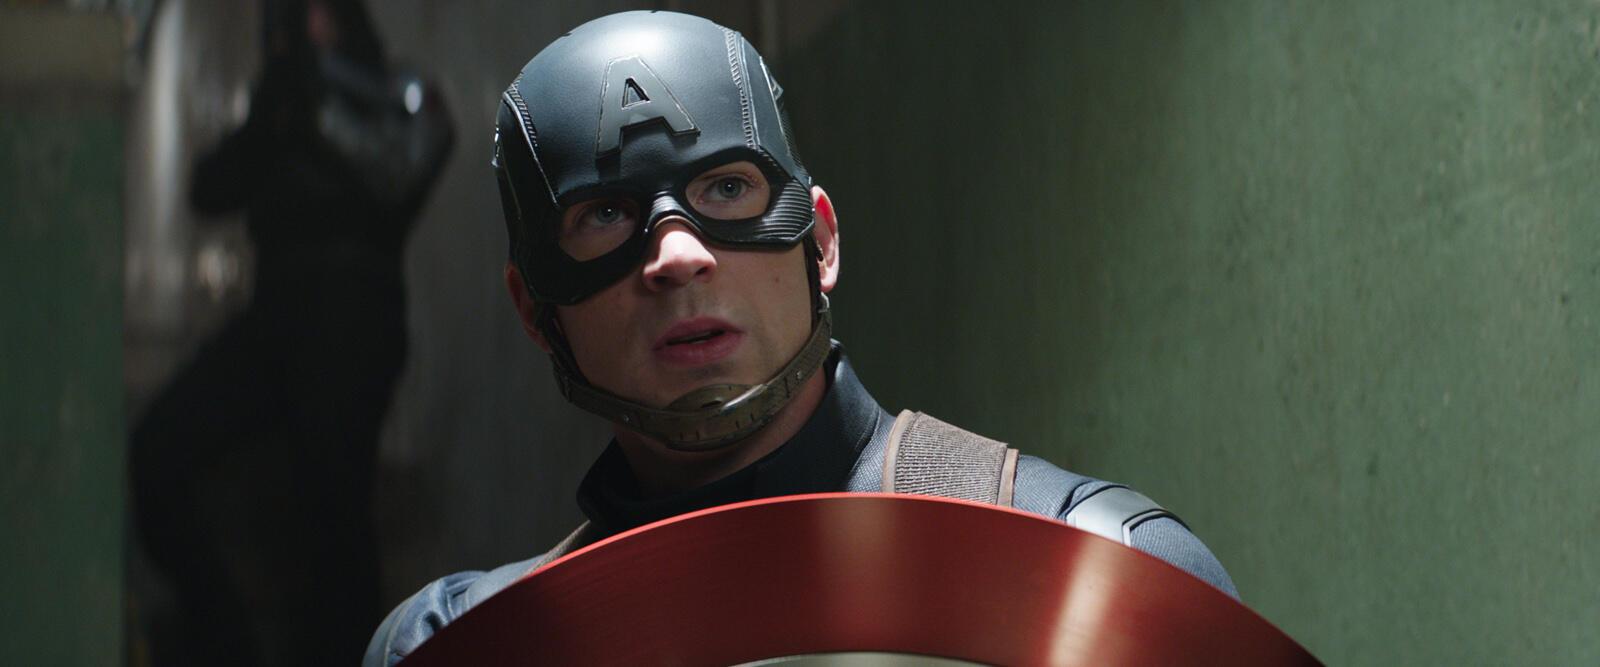 «Captain America: Civil War» fait partie des films les plus vus en 2016.